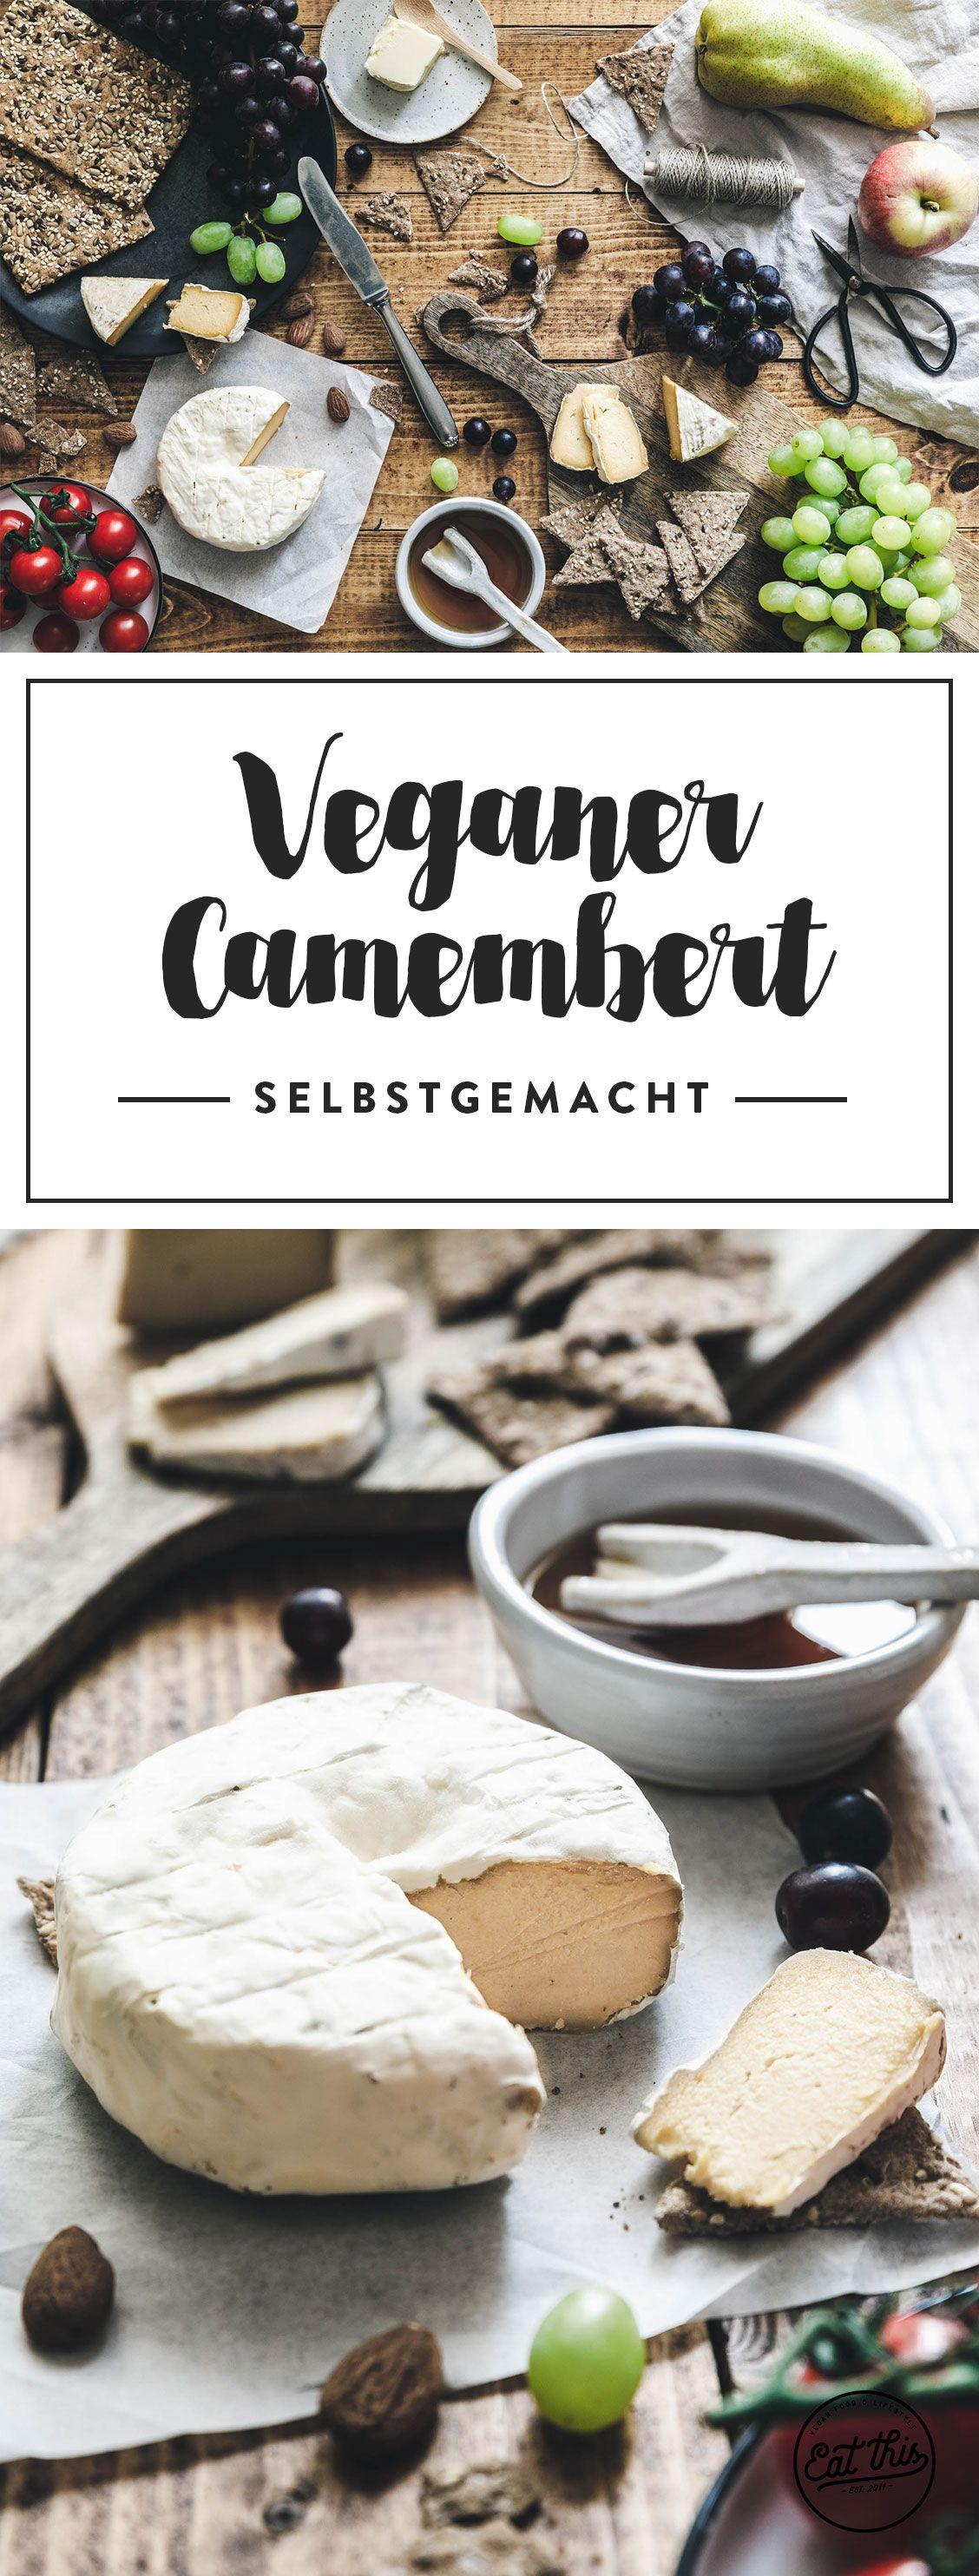 Photo of Vegan camembert